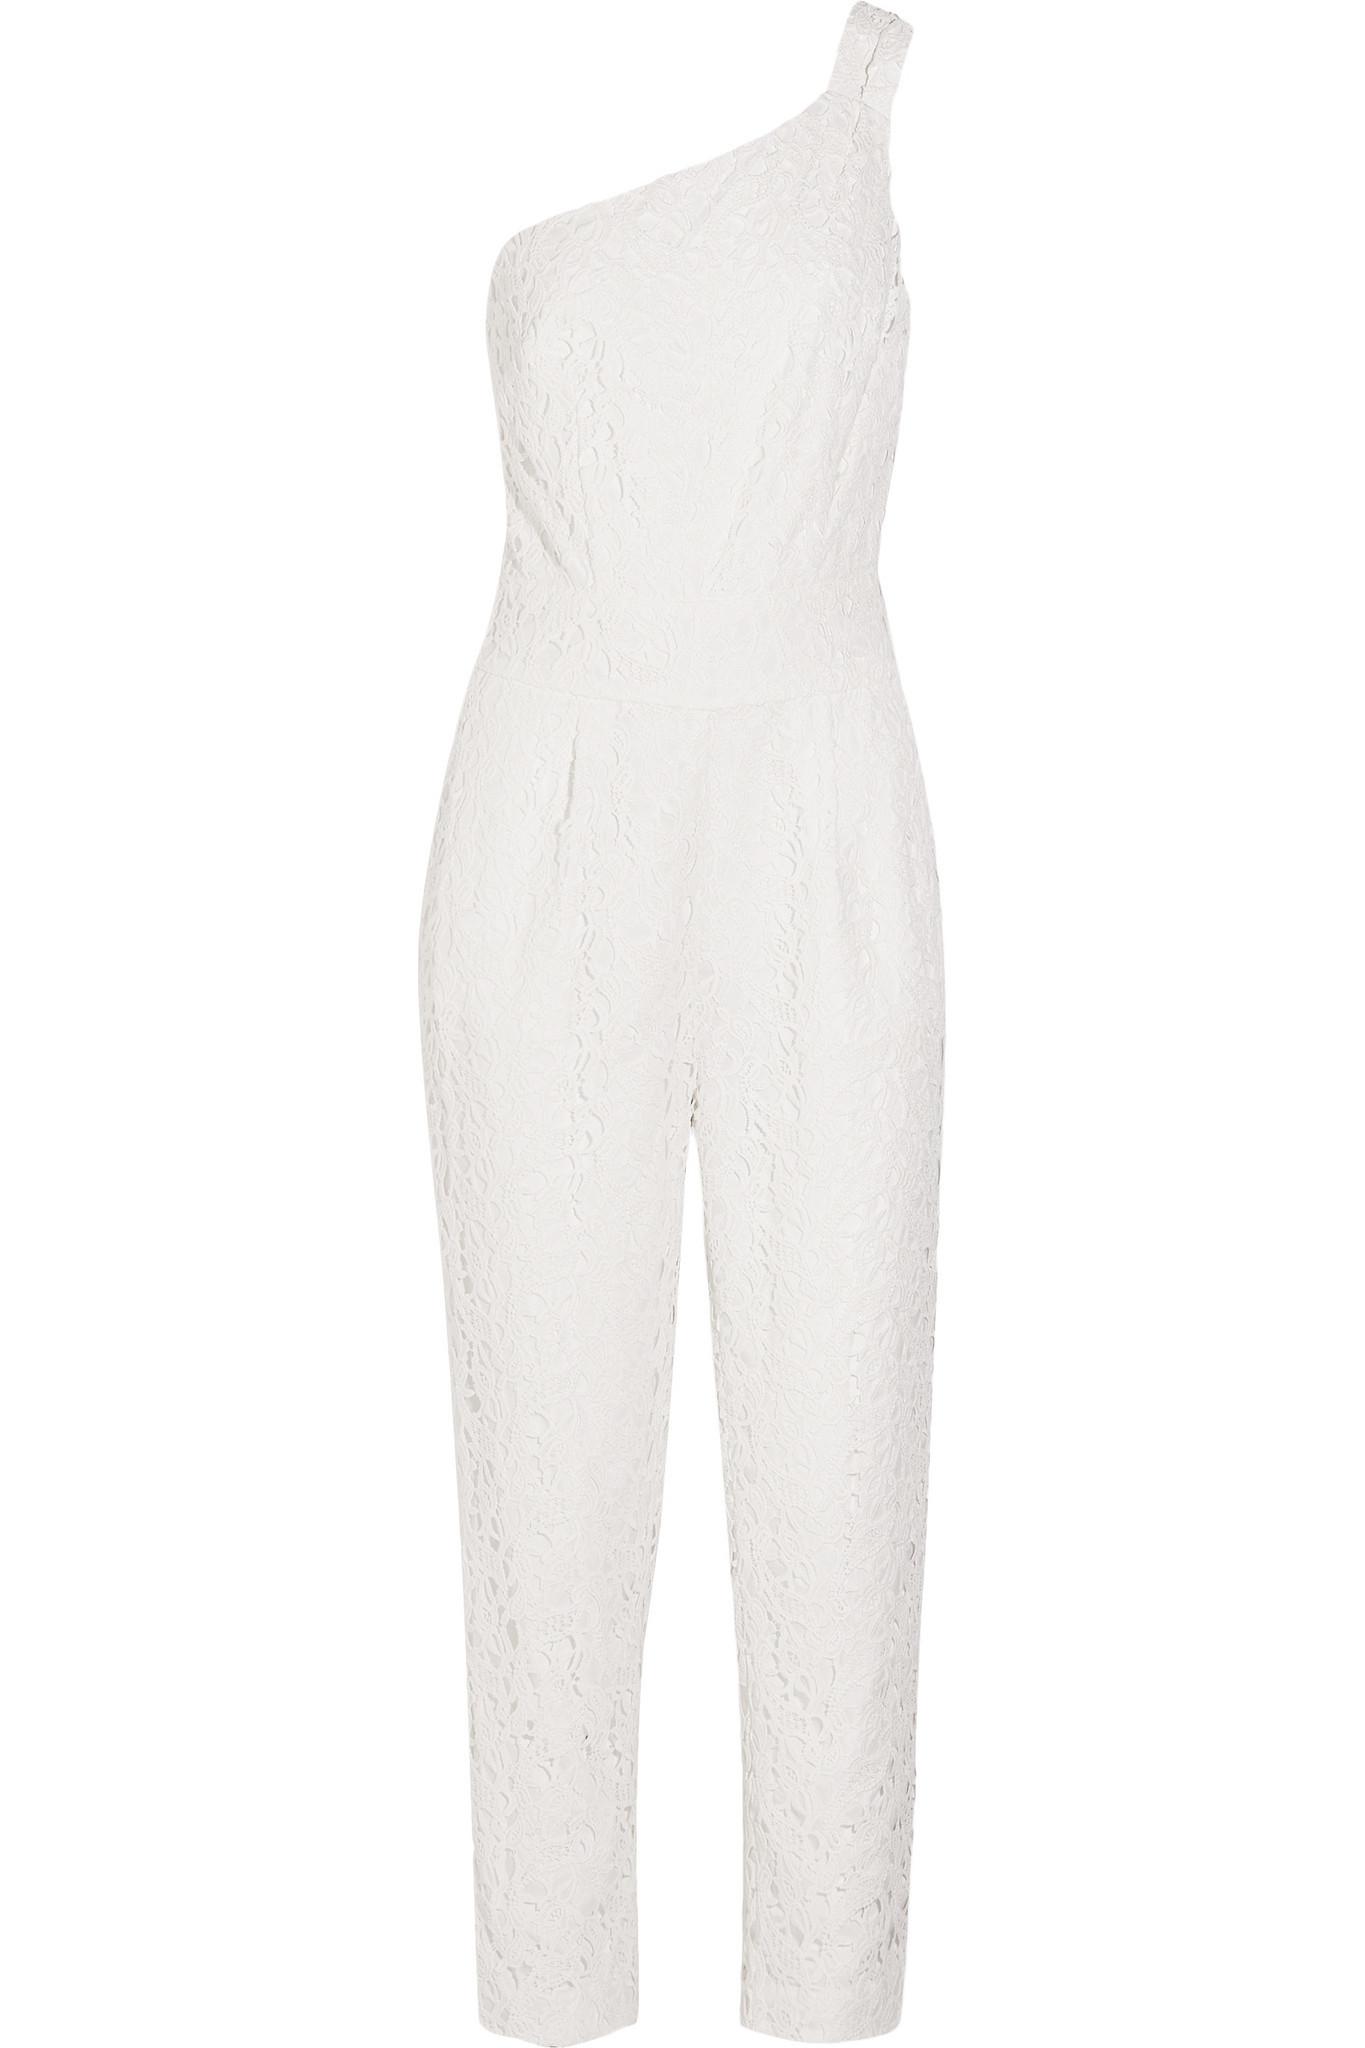 ed09cab4de78 Lyst - J.Crew Nia Bridal One-shoulder Floral-lace Jumpsuit in White